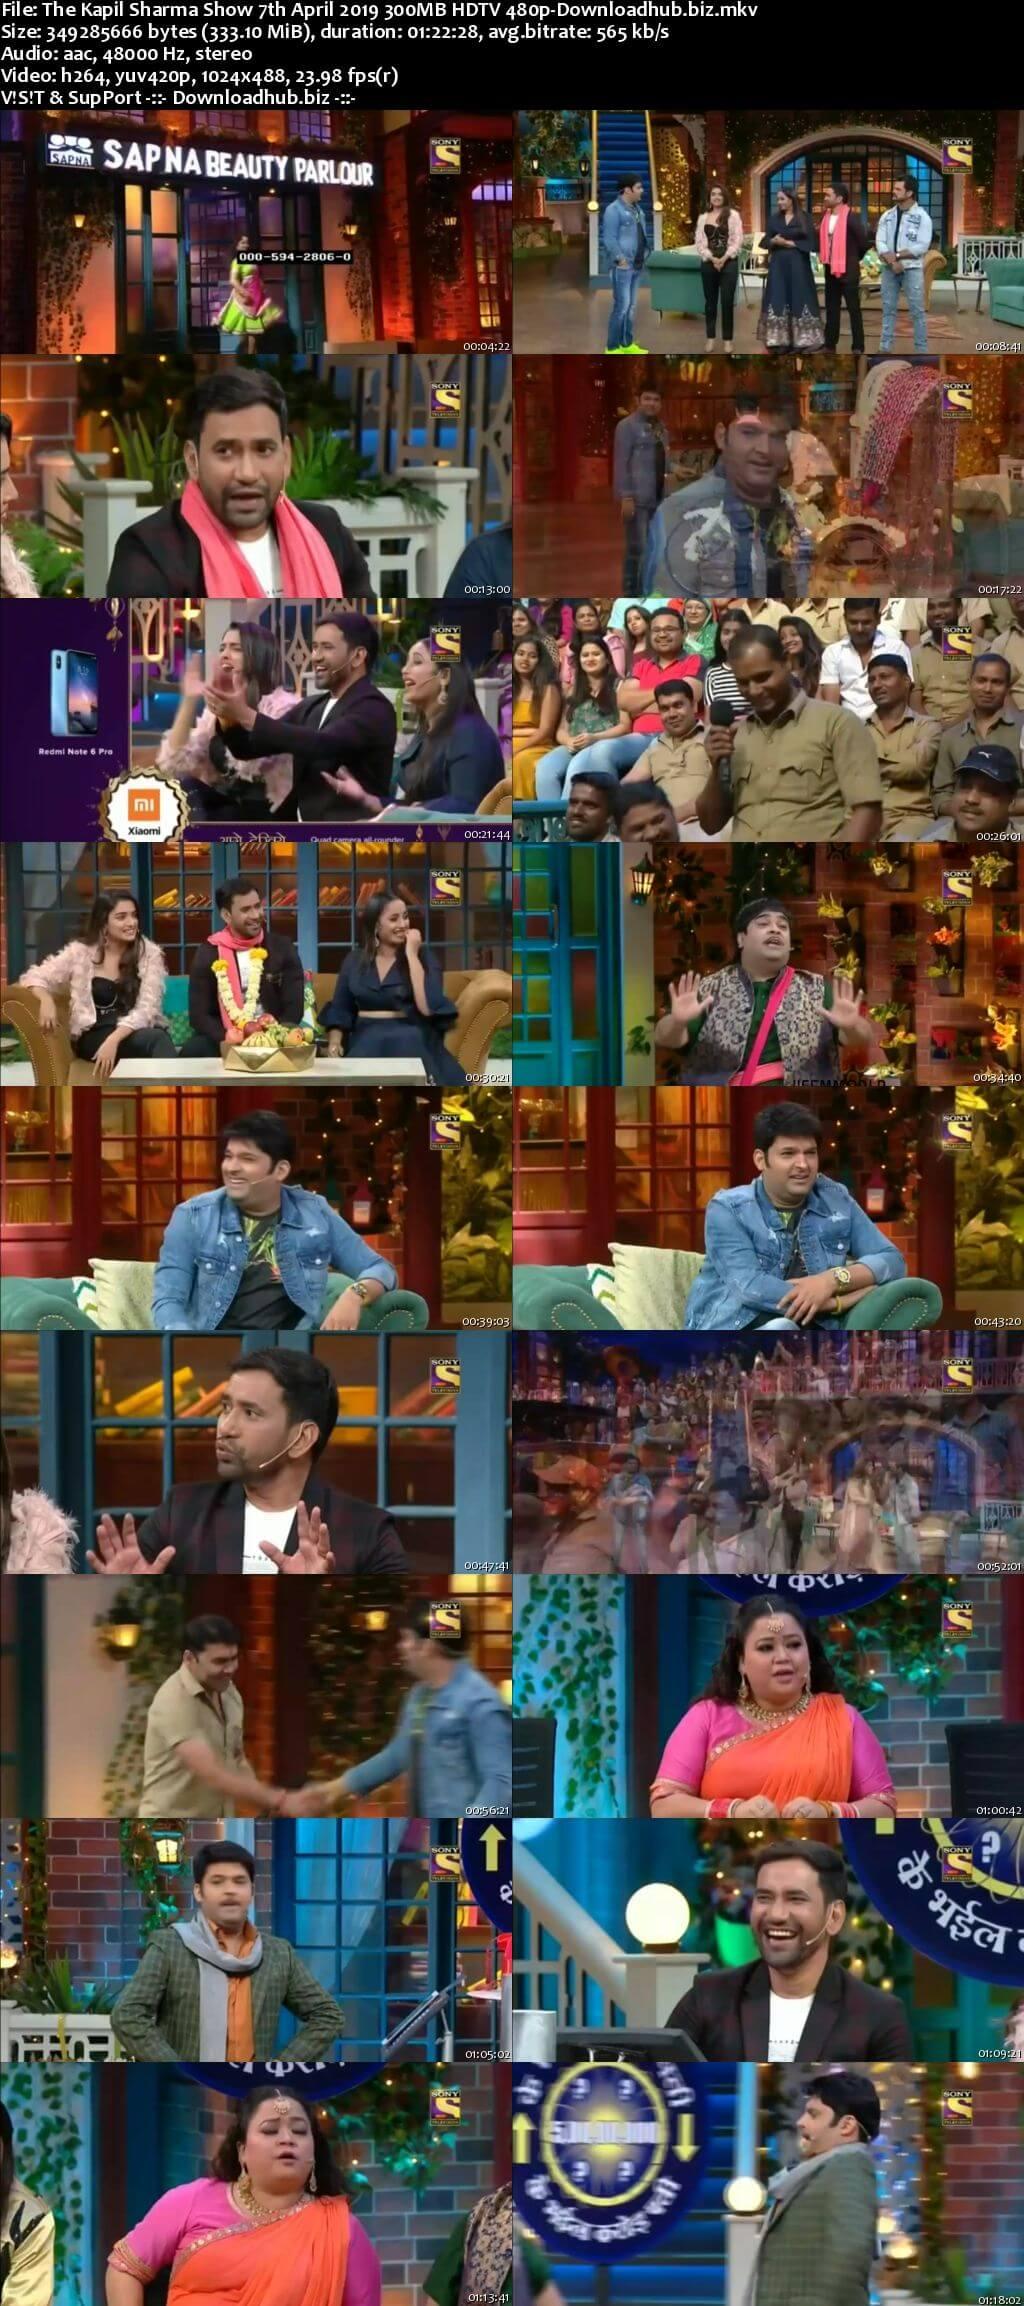 The Kapil Sharma Show 07 April 2019 Episode 30 HDTV 480p